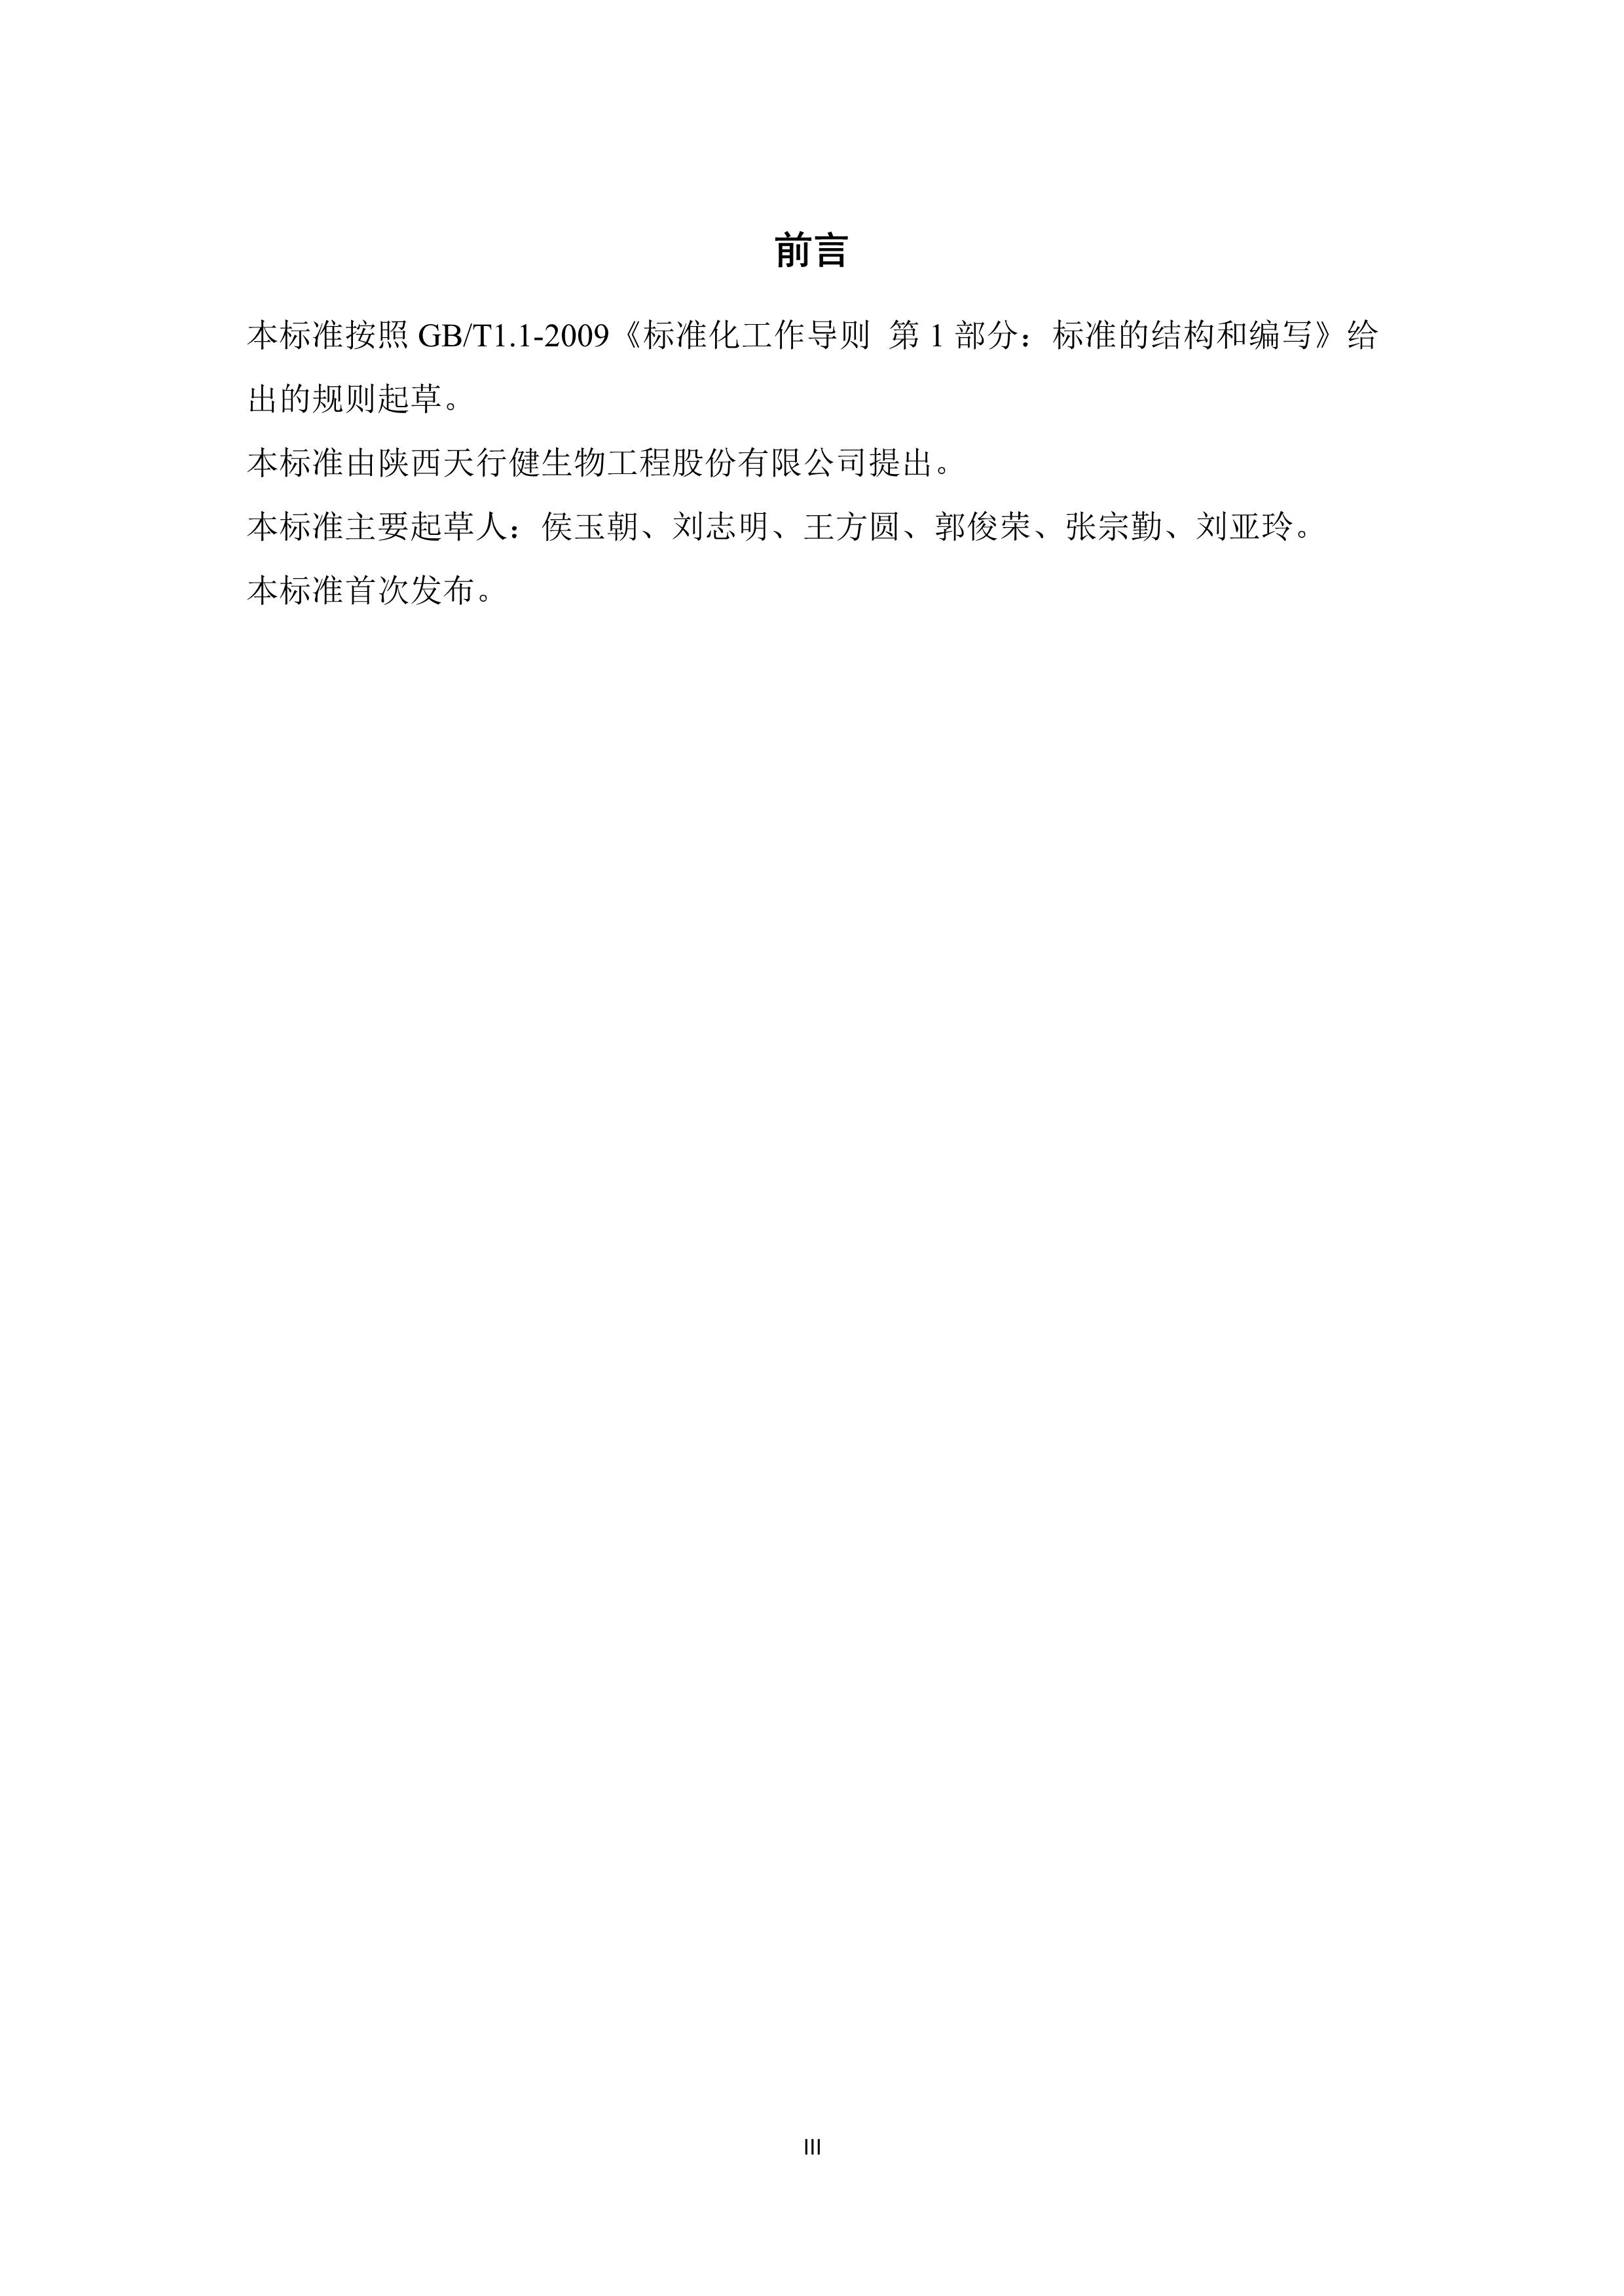 [企業標準]曼地亞紅豆杉苗期管理技術規程|企業新聞-陜西省天行健生物工程股份有限公司